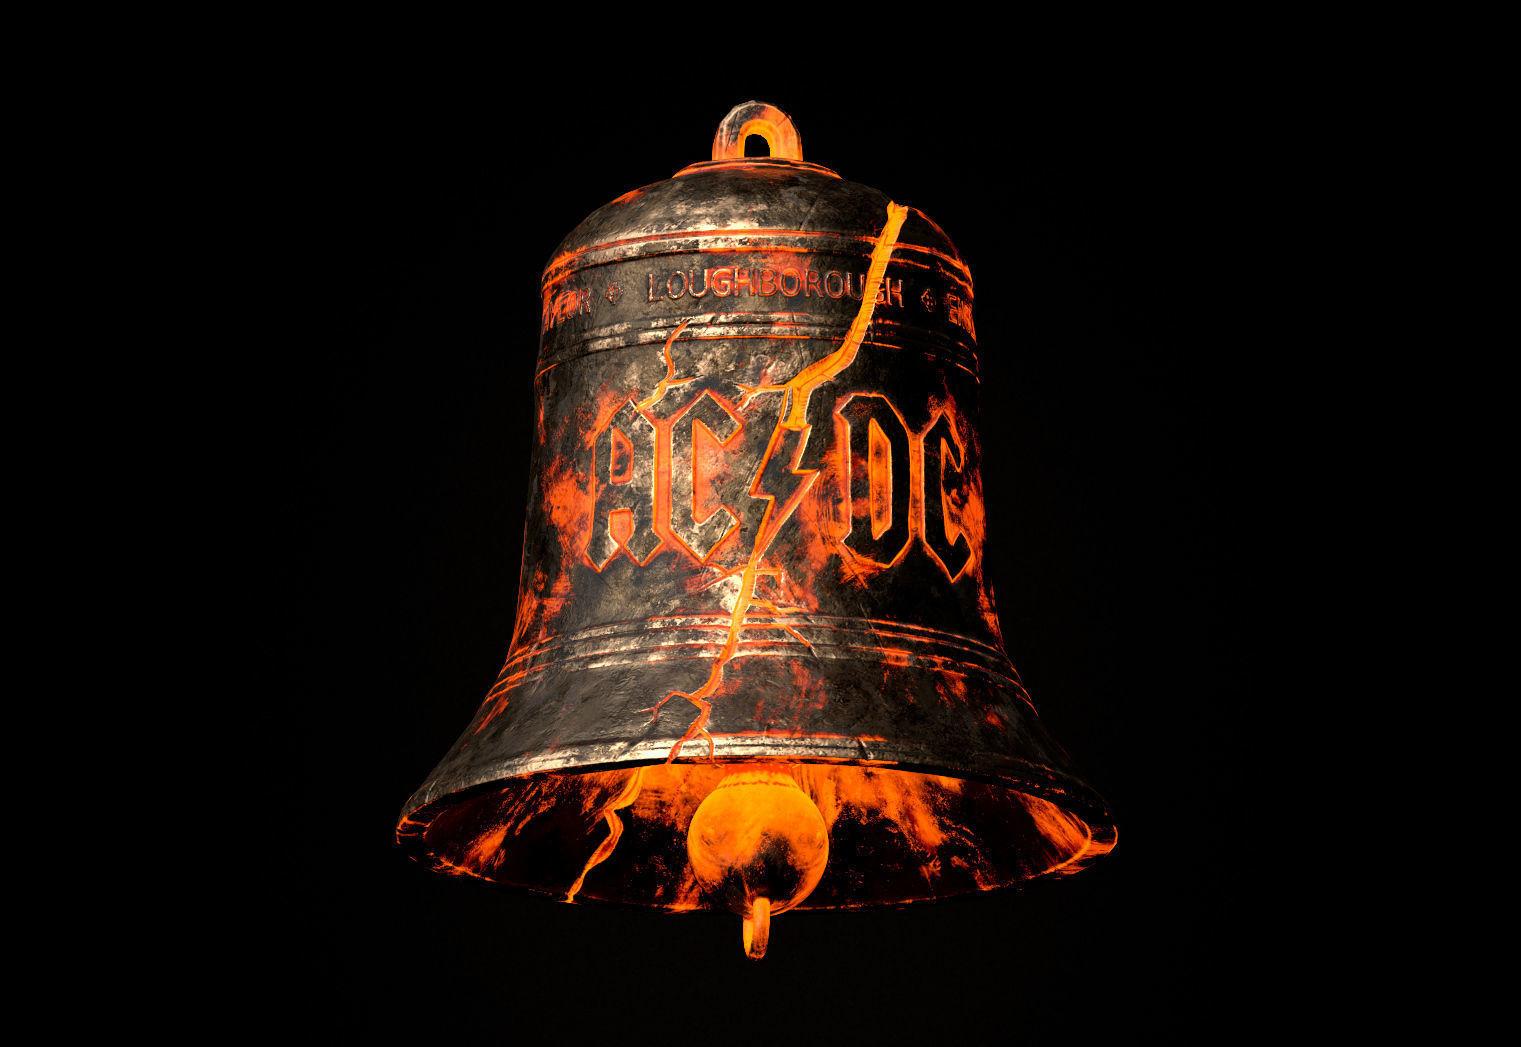 AC DC Hells Bells Legends of Rock